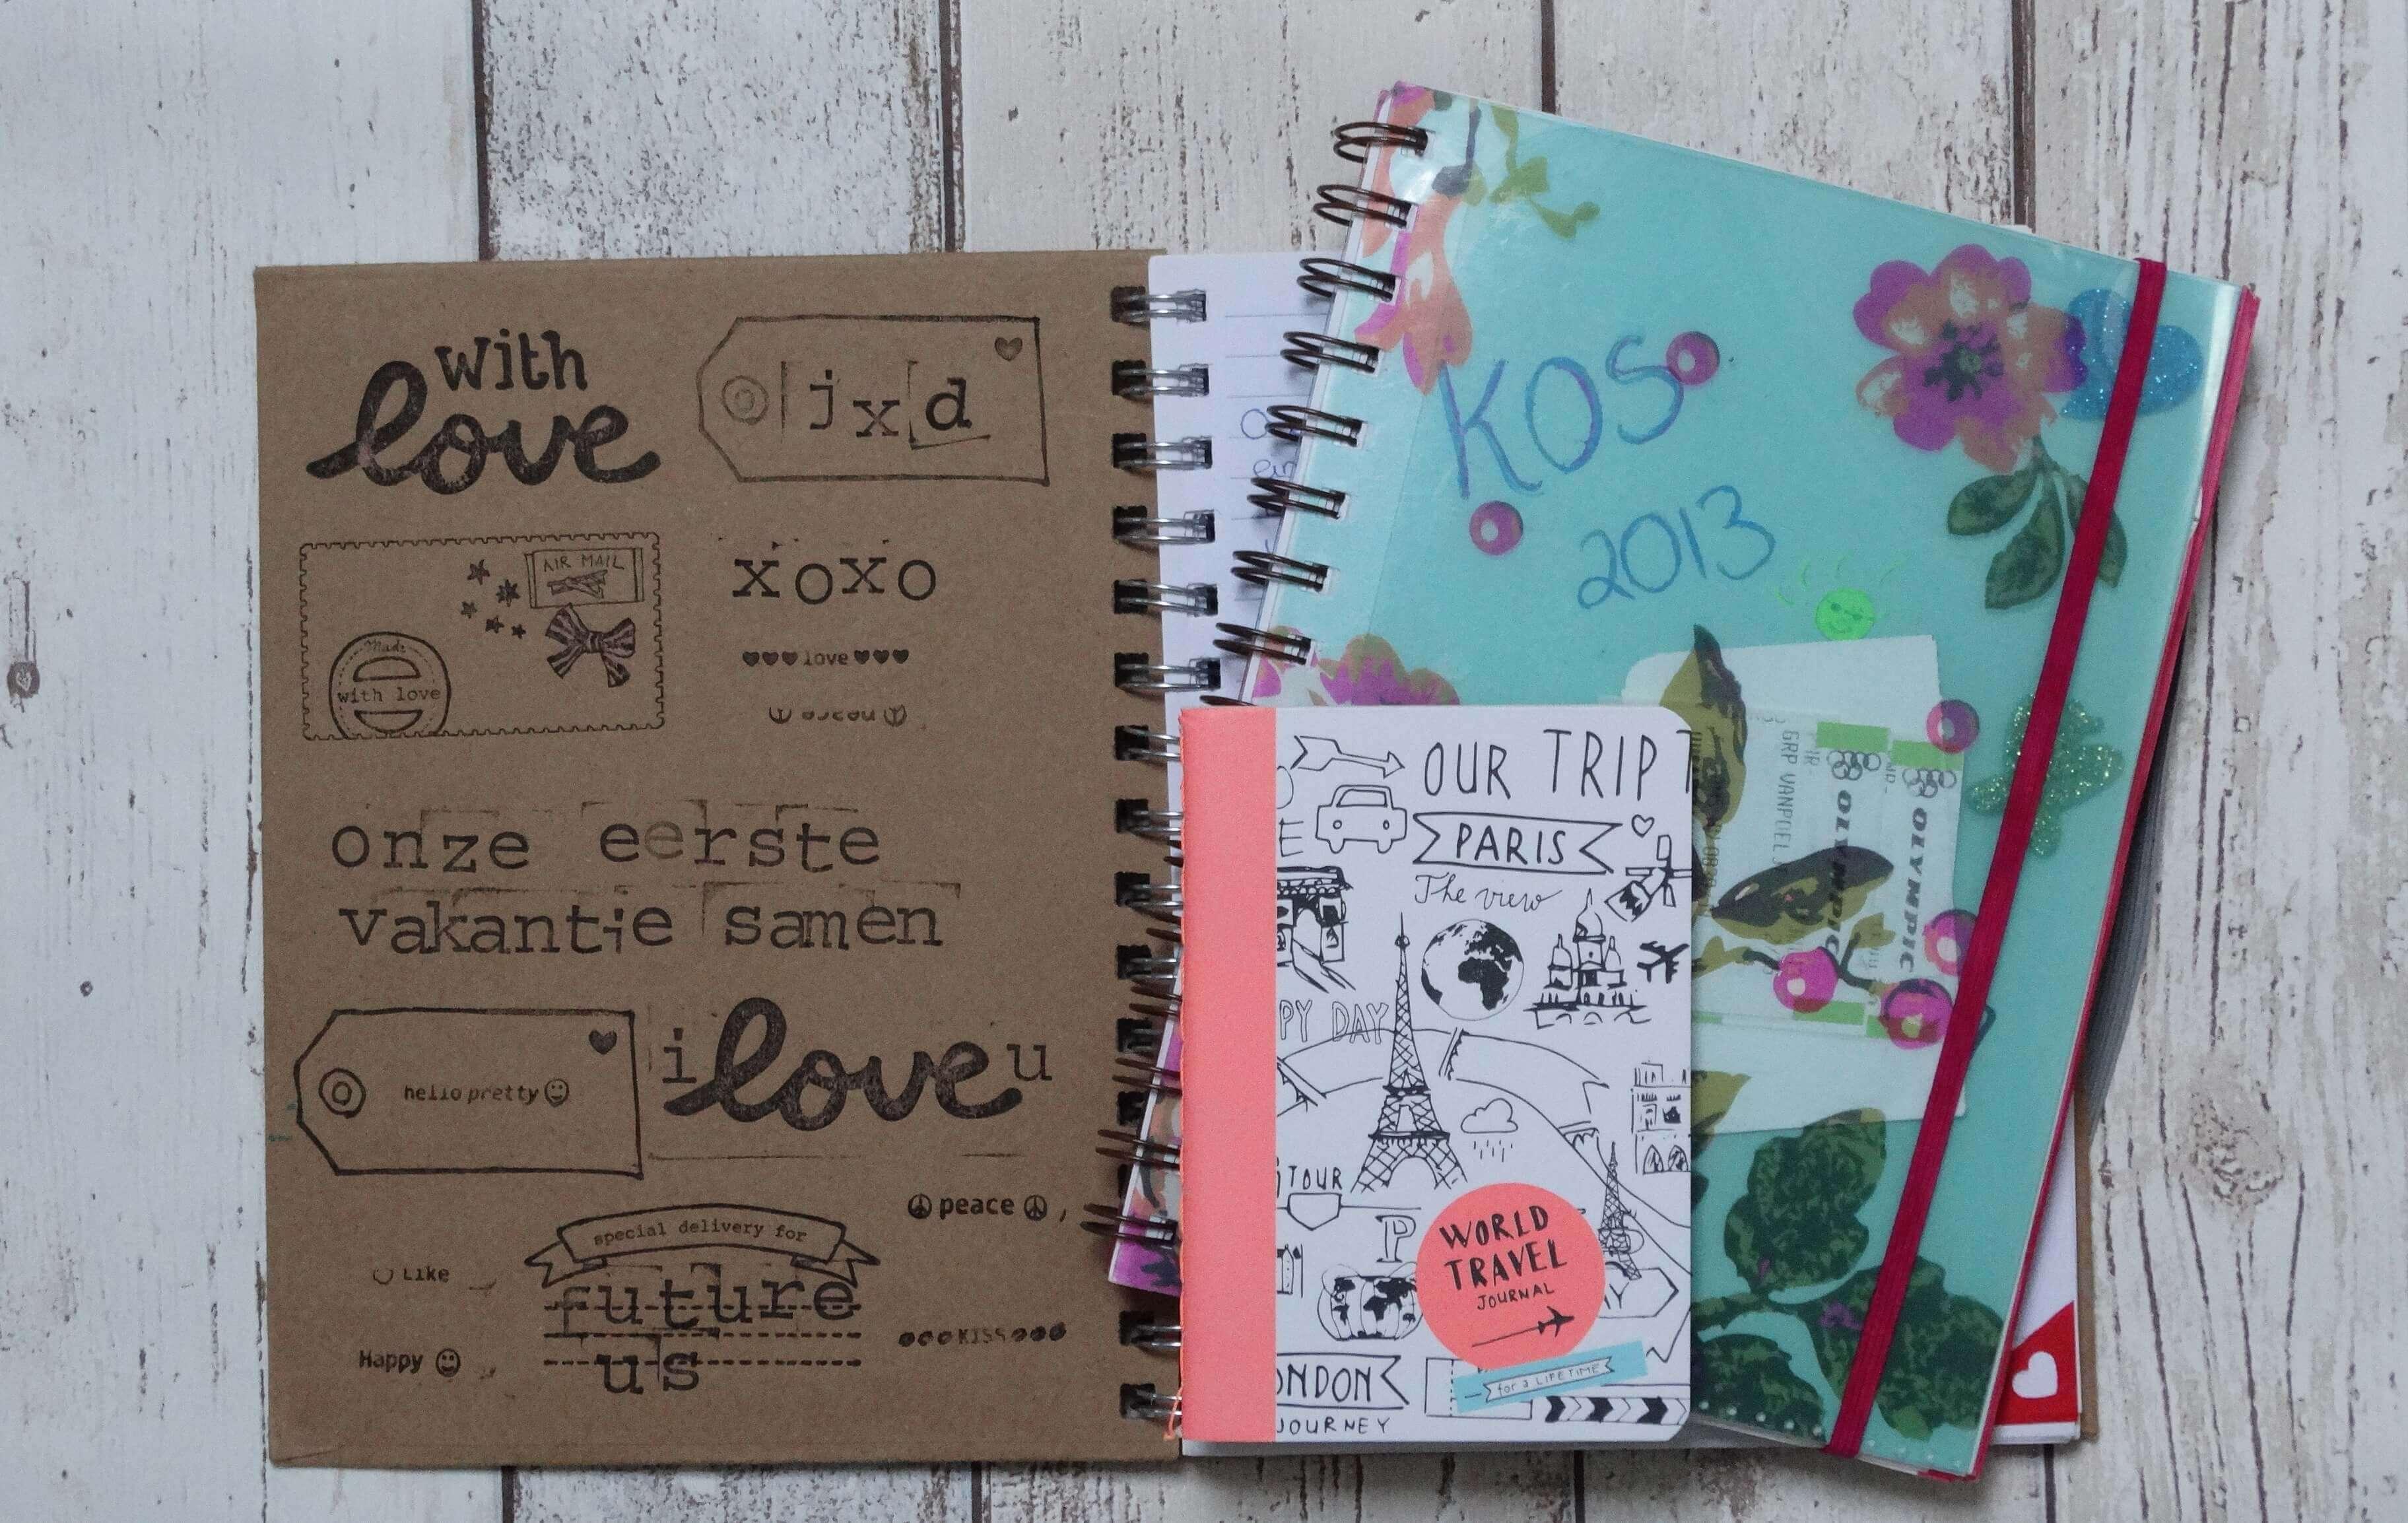 Met een reisdagboekje maak je je reis echt onvergetelijk